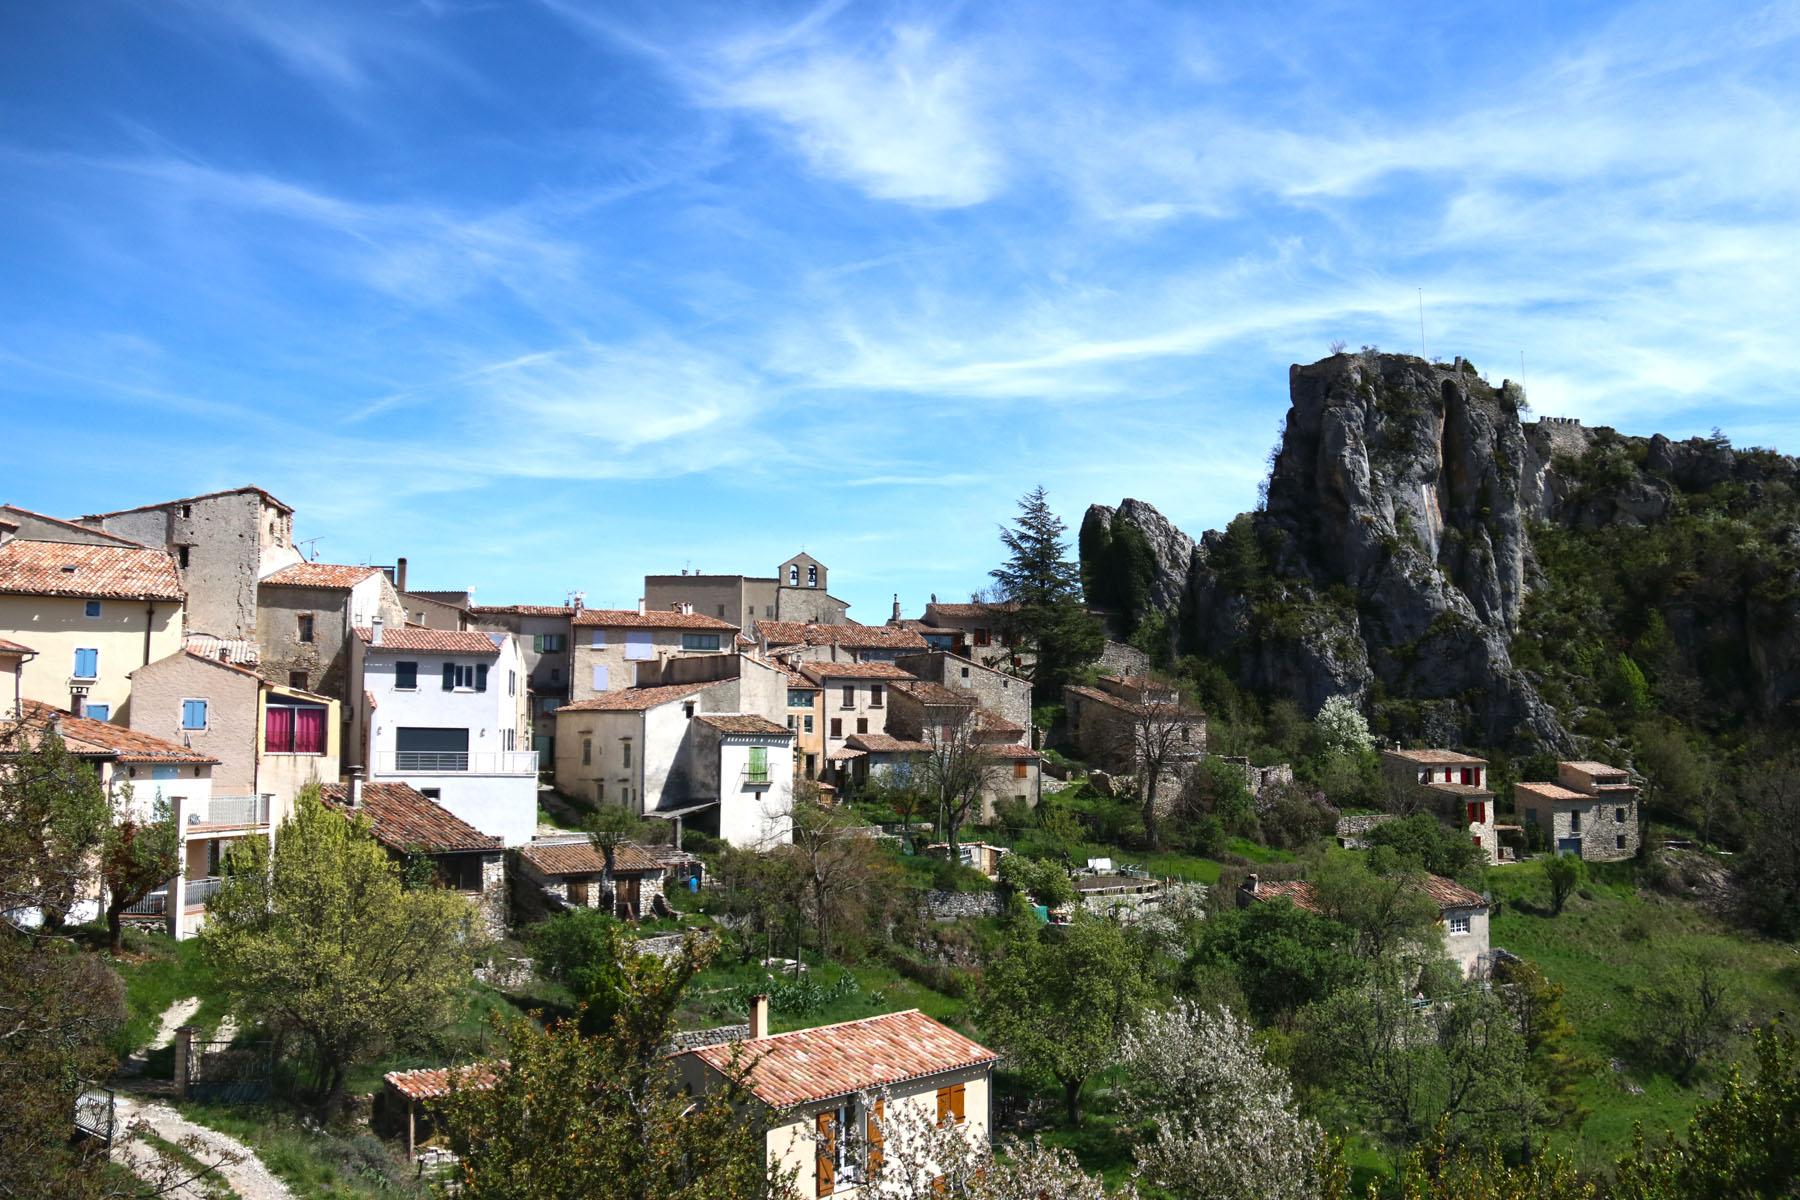 Rougon, dorpje met eersterangs uitzicht op de Gorges du Verdon